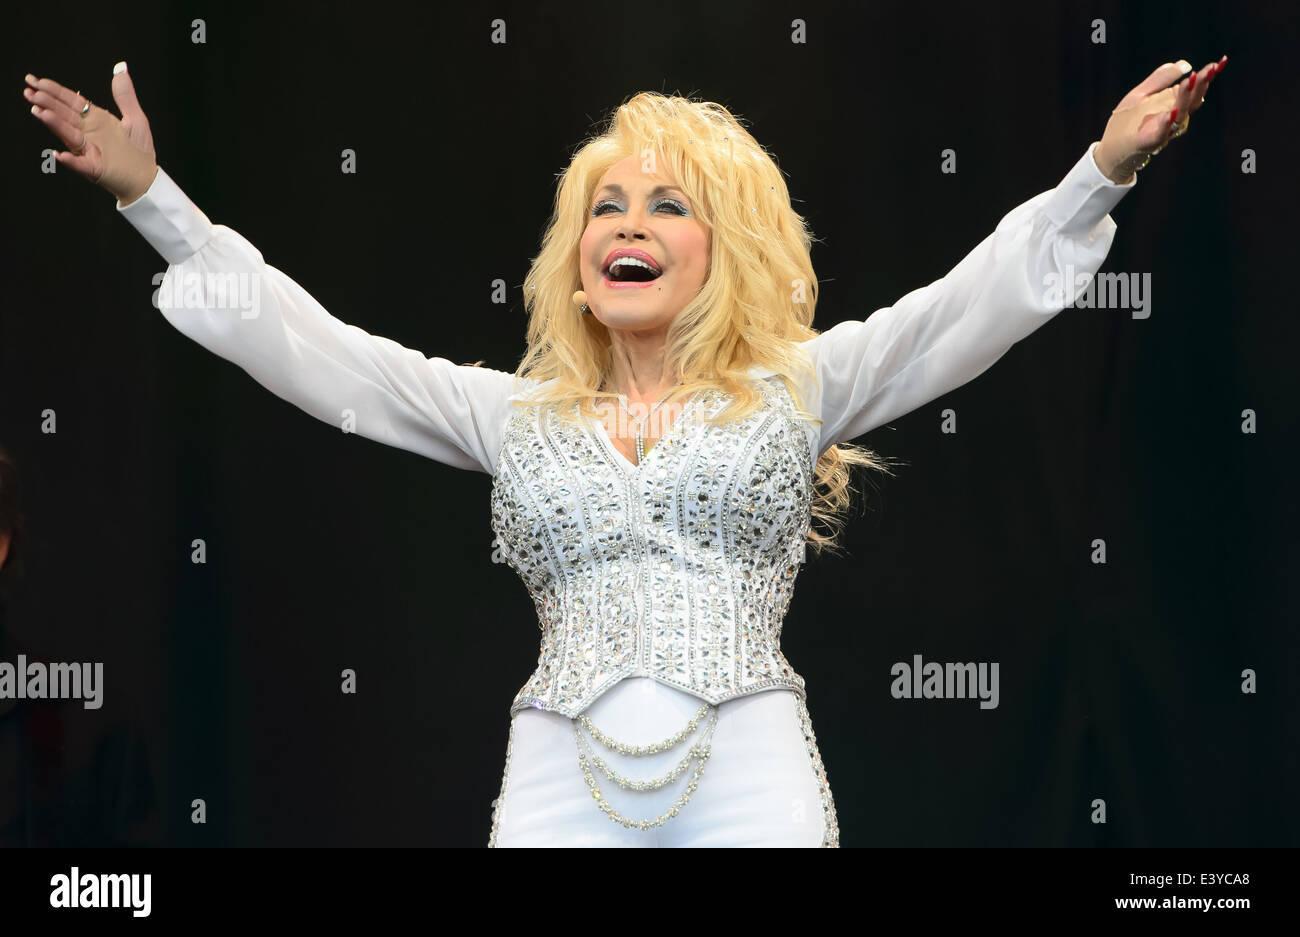 Dolly Parton suona al Glastonbury festival di musica, Inghilterra, Domenica, 29 giugno 2014. Immagini Stock